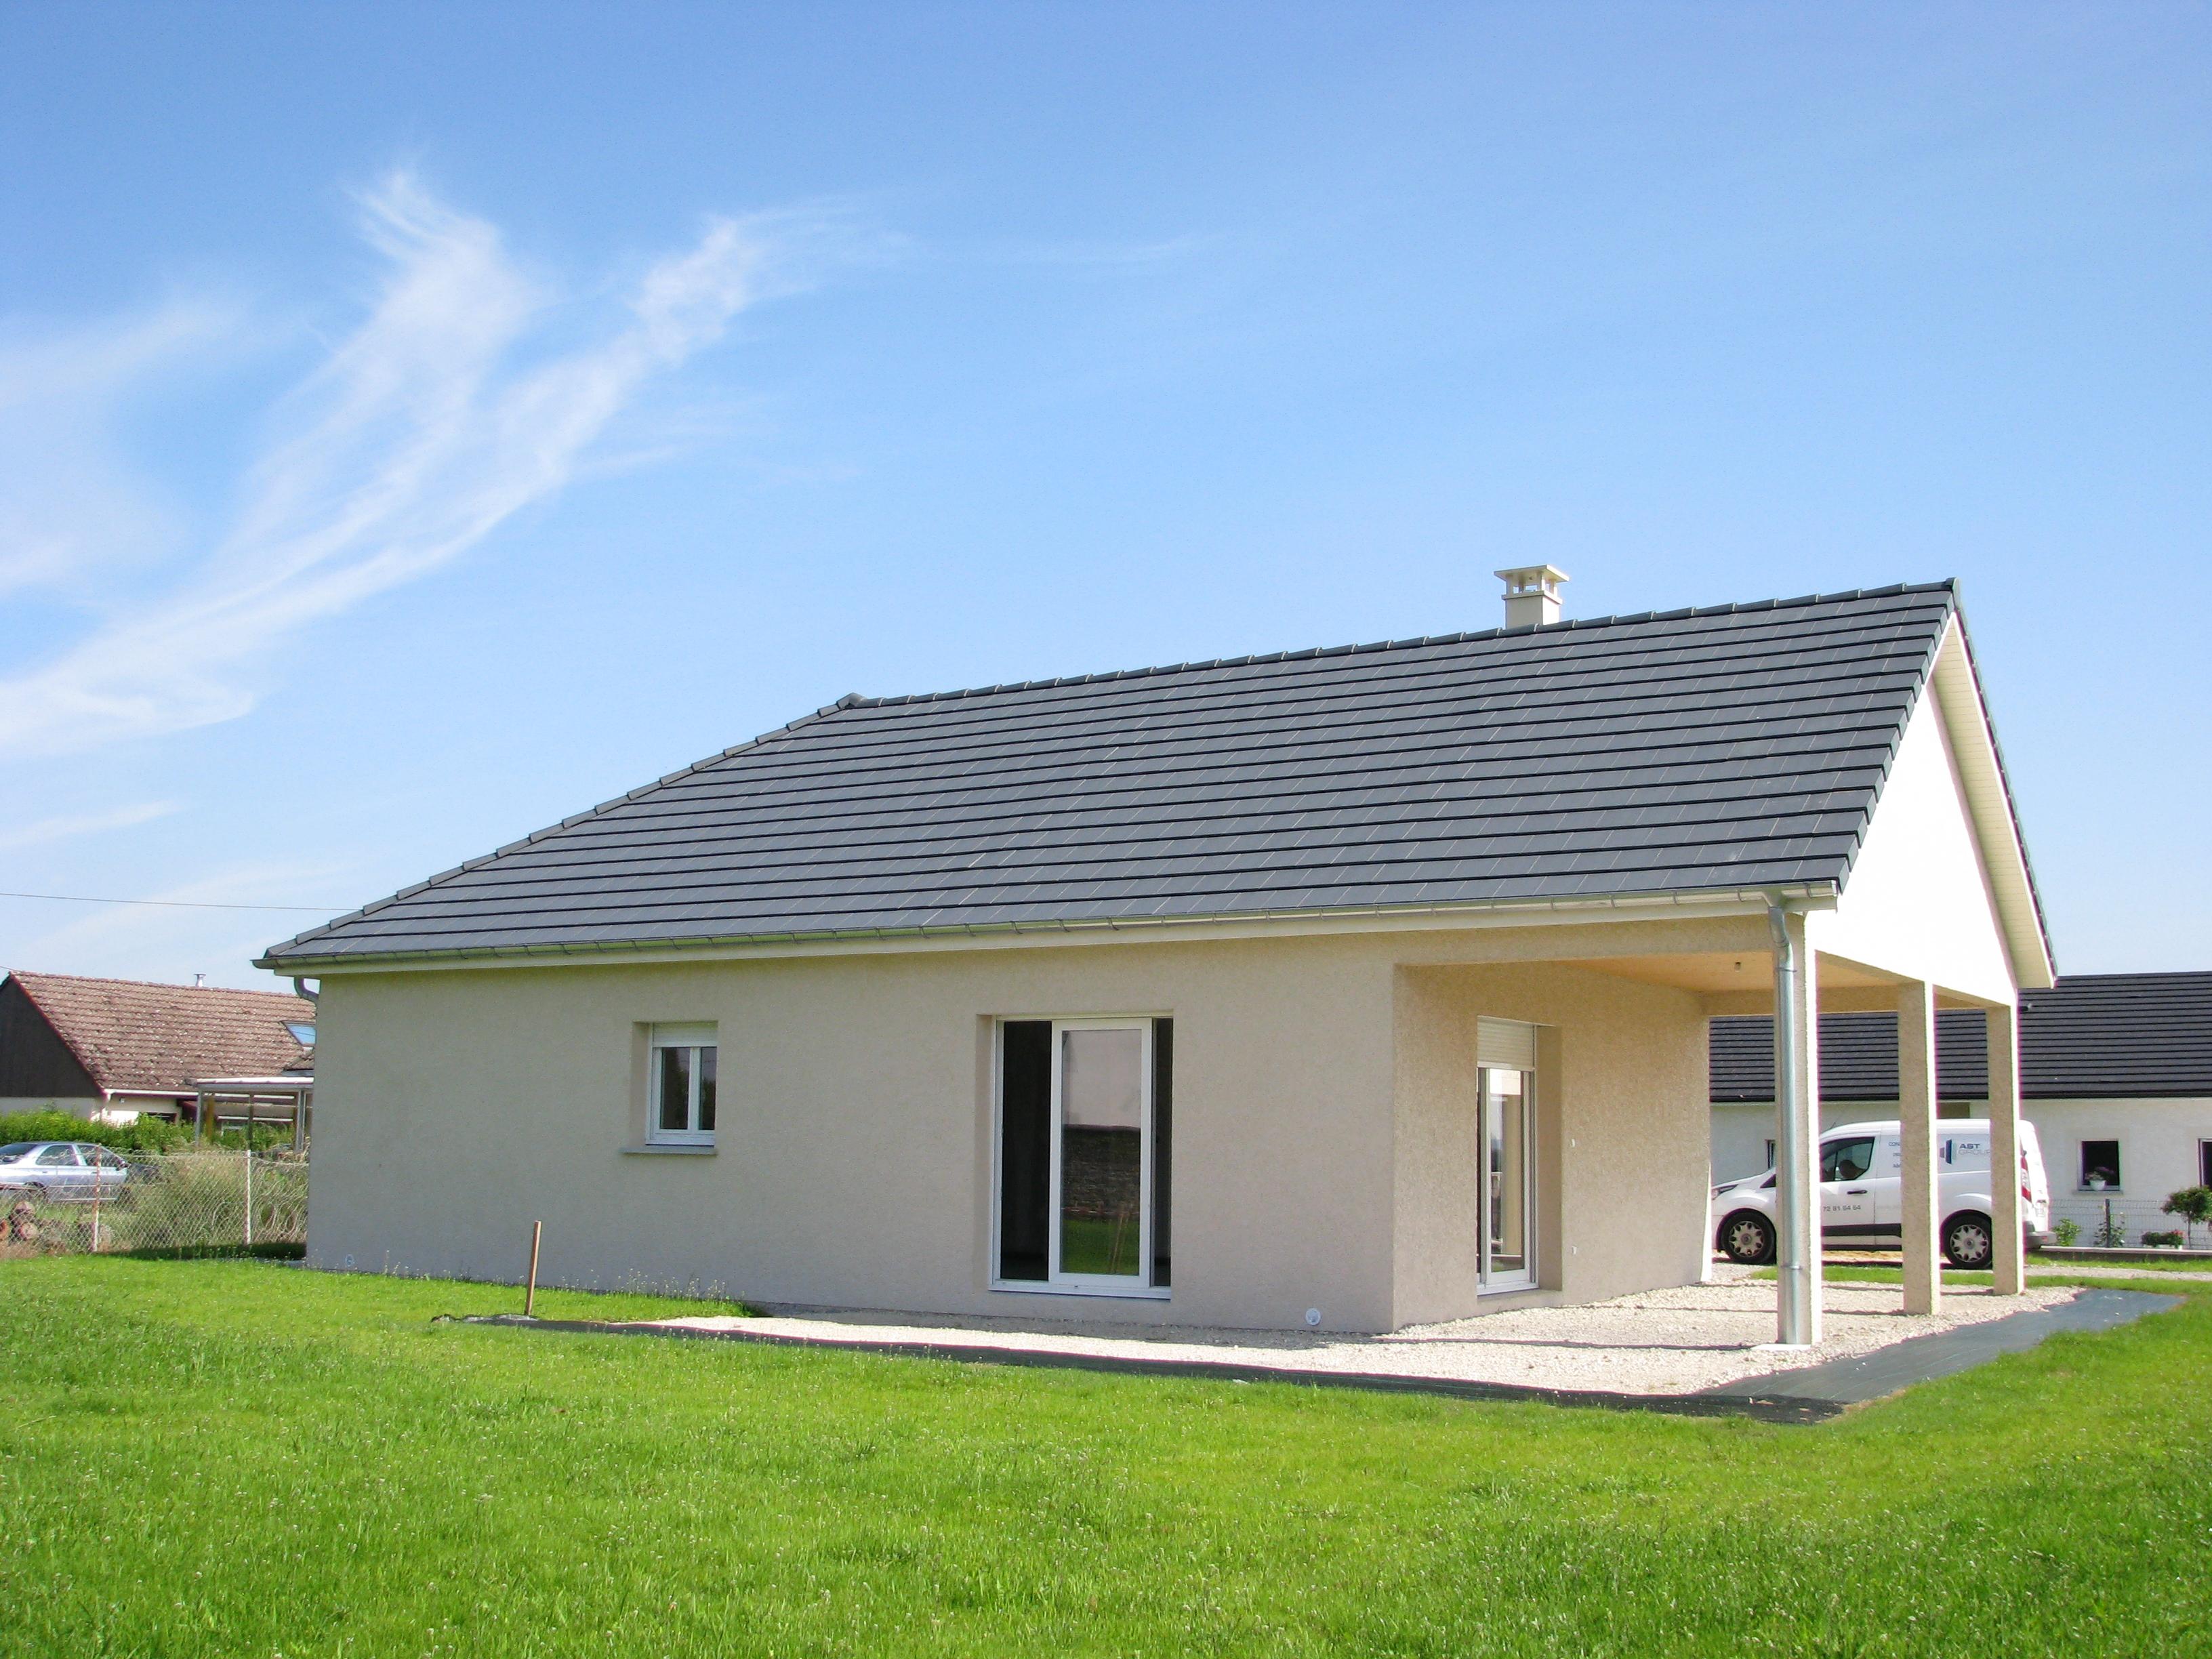 Nouvelle livraison sur courchapon top duo besancon for Top constructeur maison